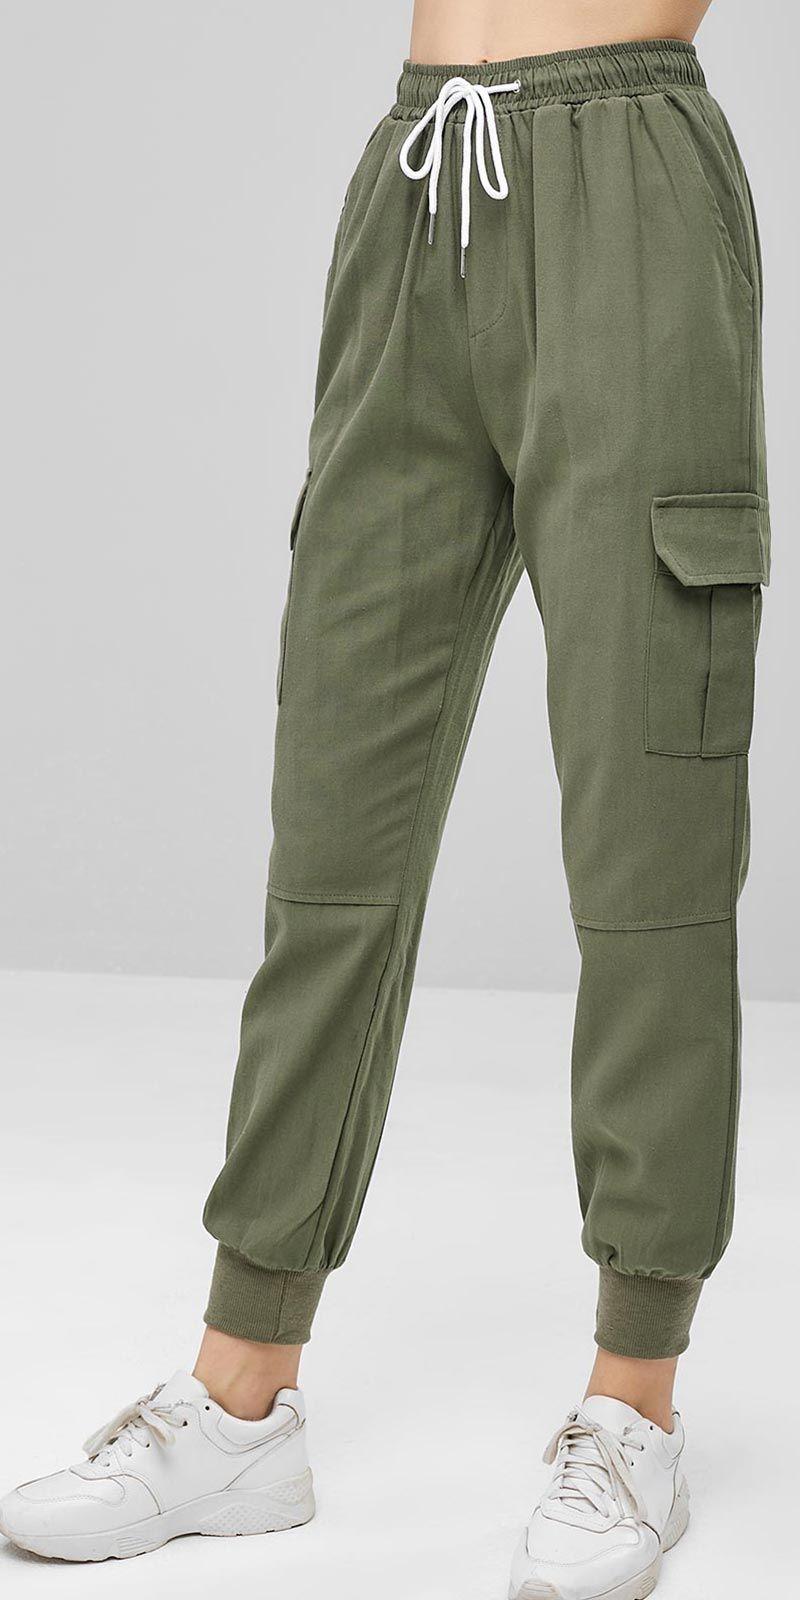 Pin De Amalia En Outfits Pantalones De Moda Moda De Ropa Ropa De Moda